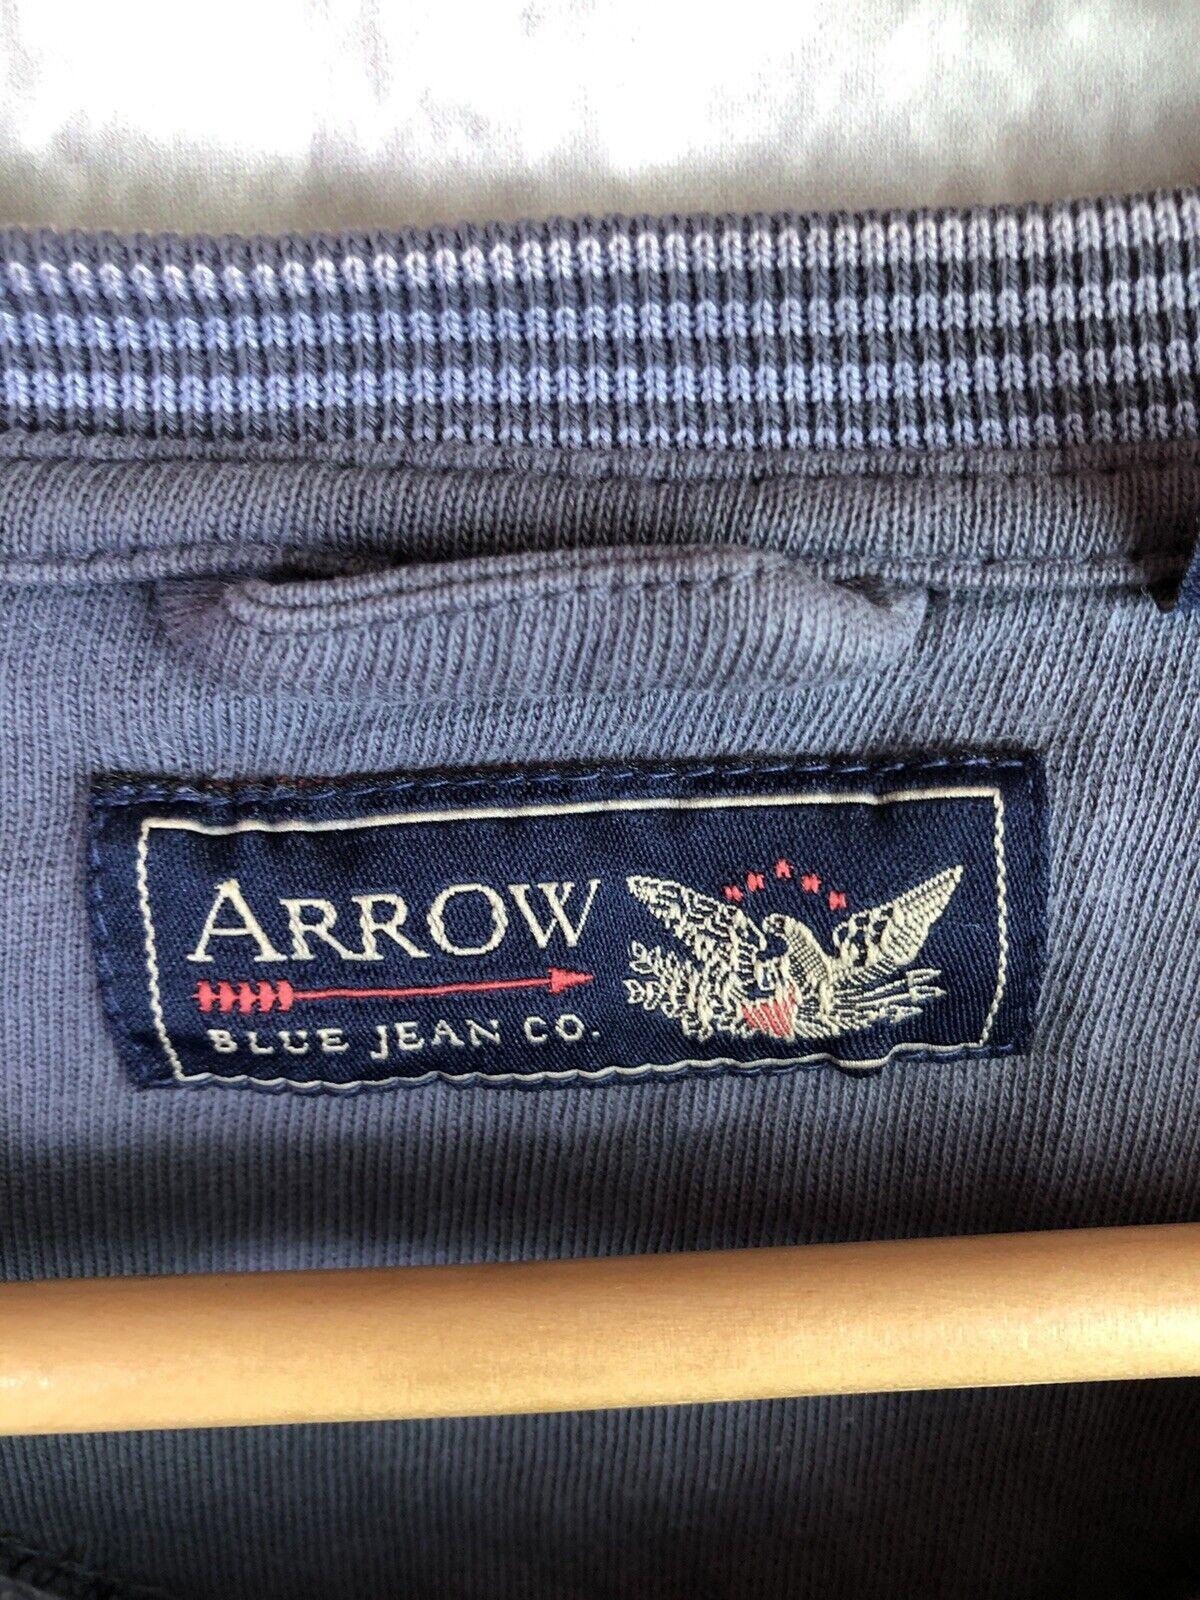 Arrow Blue Jean Co. Pullover Sweatshirt Grey Size Large